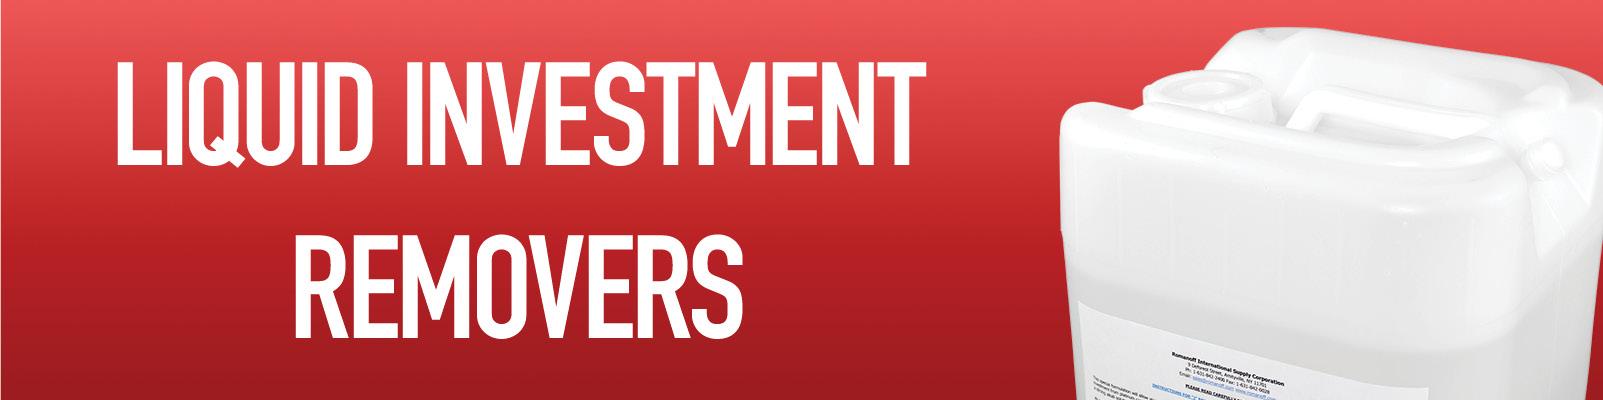 Liquid Investment Removers